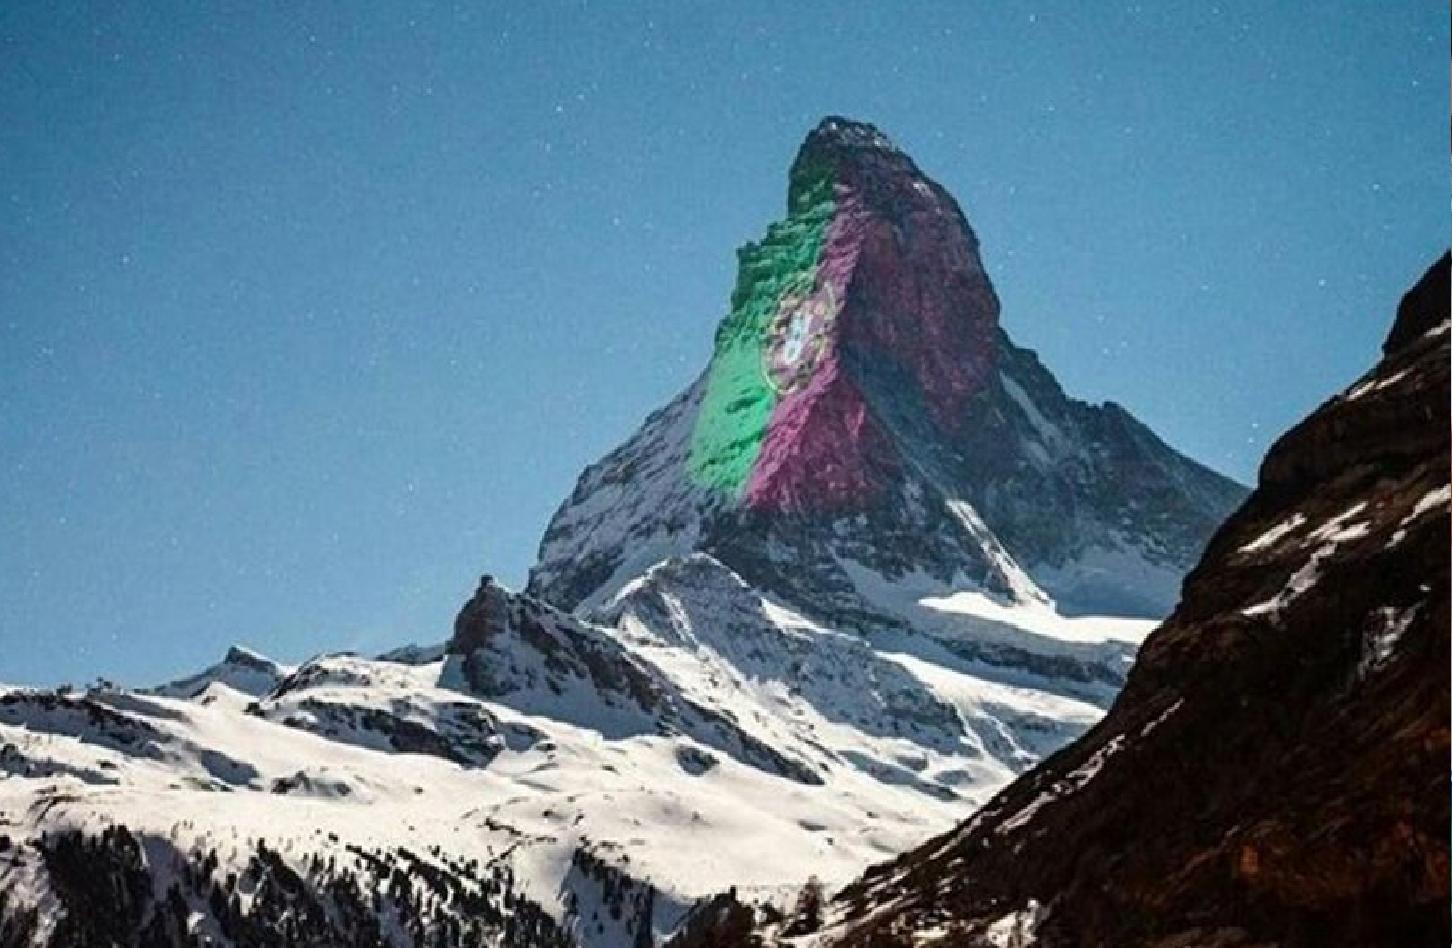 Bandeira Montanha Bandeira Portuguesa Ilumina Uma Das Mais Fotografadas Montanhas Do Mundo